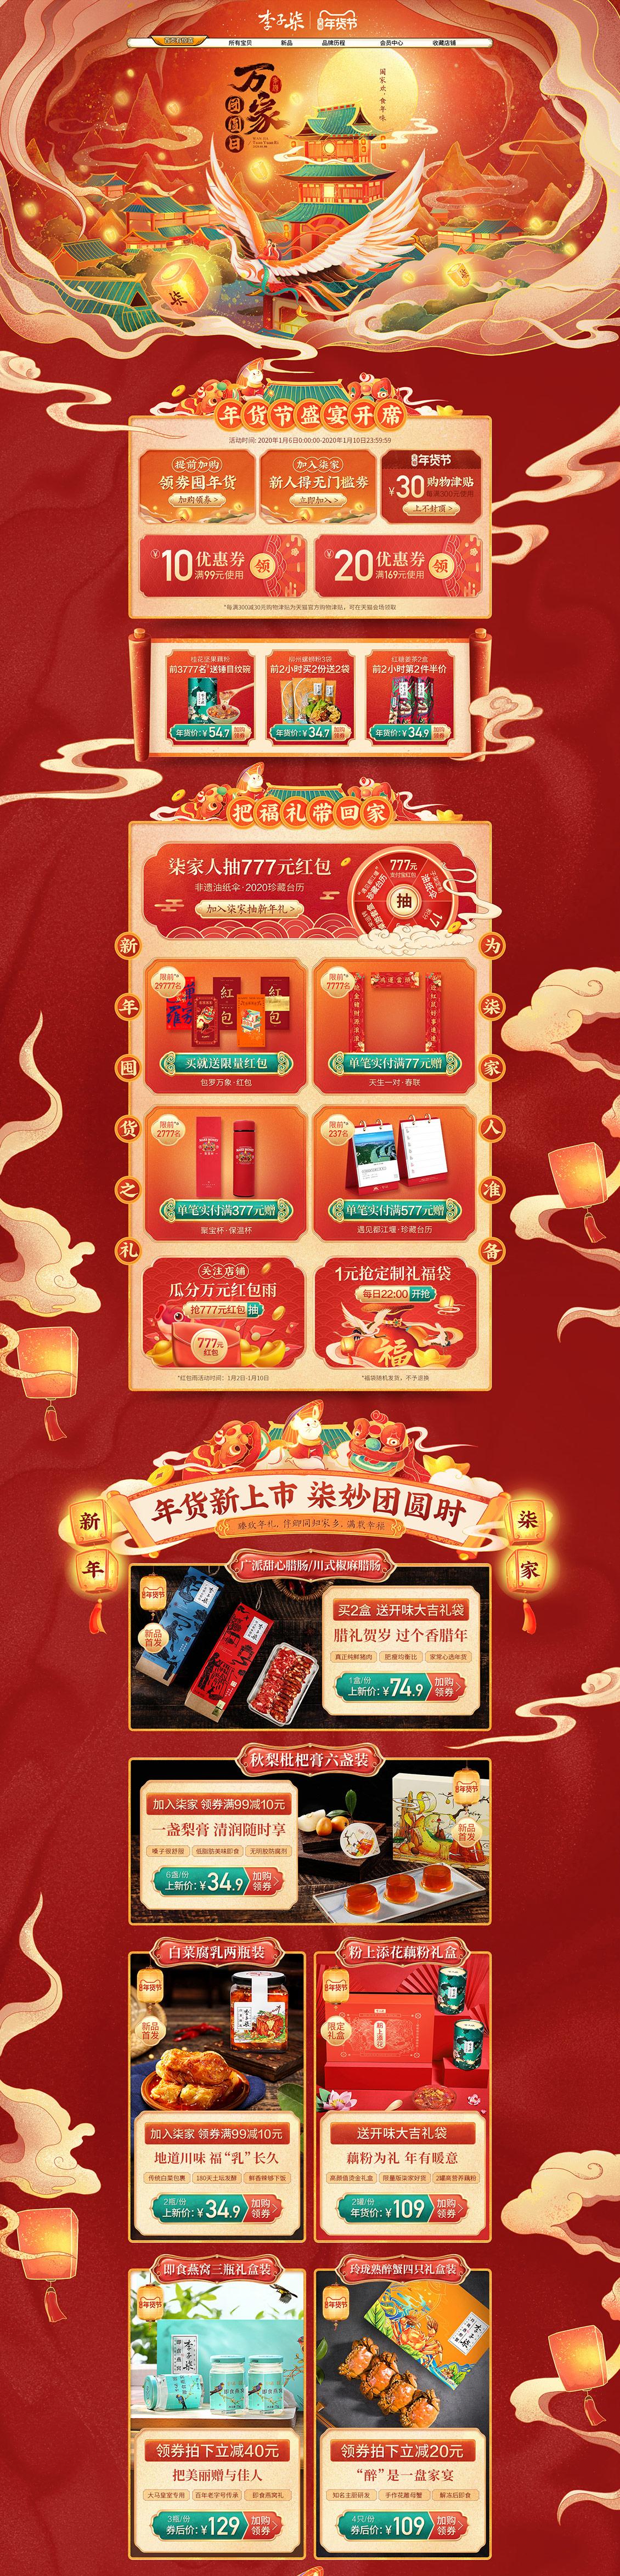 李子柒 食品 零食 酒水 新年 年货节 天猫首页活动专题页面设计